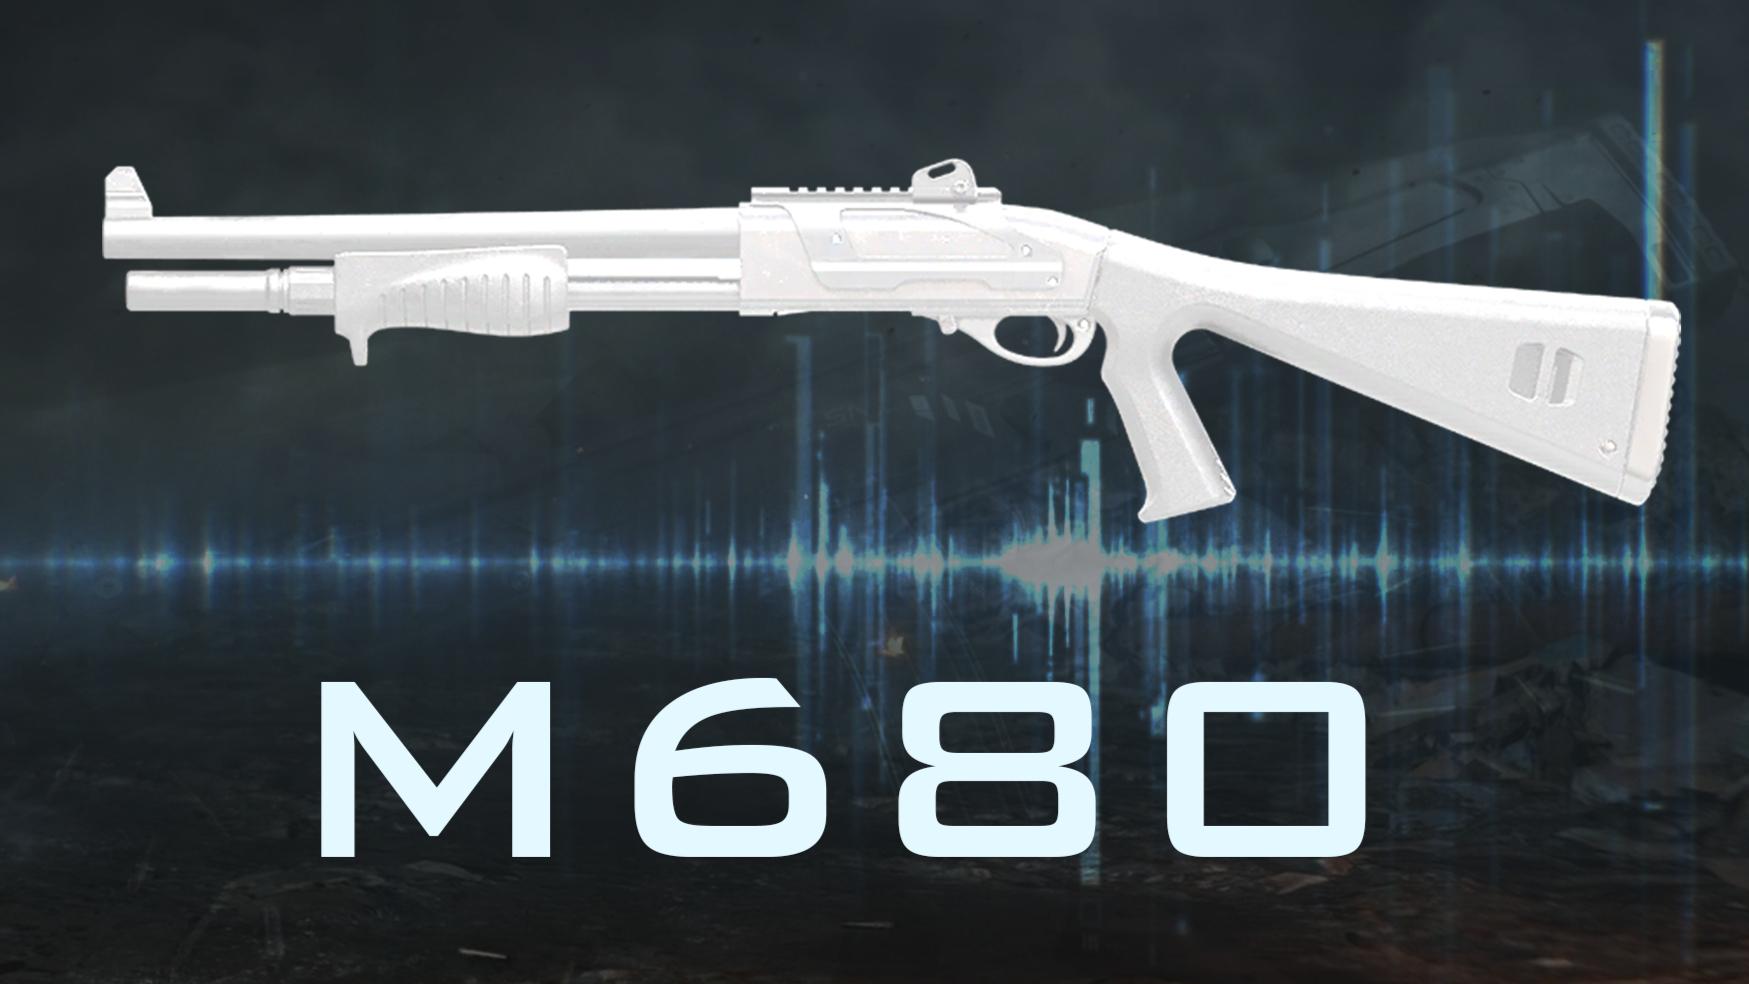 泵动喷典范 Model 680 霰弹枪『现代战争武器指南』VOL.09